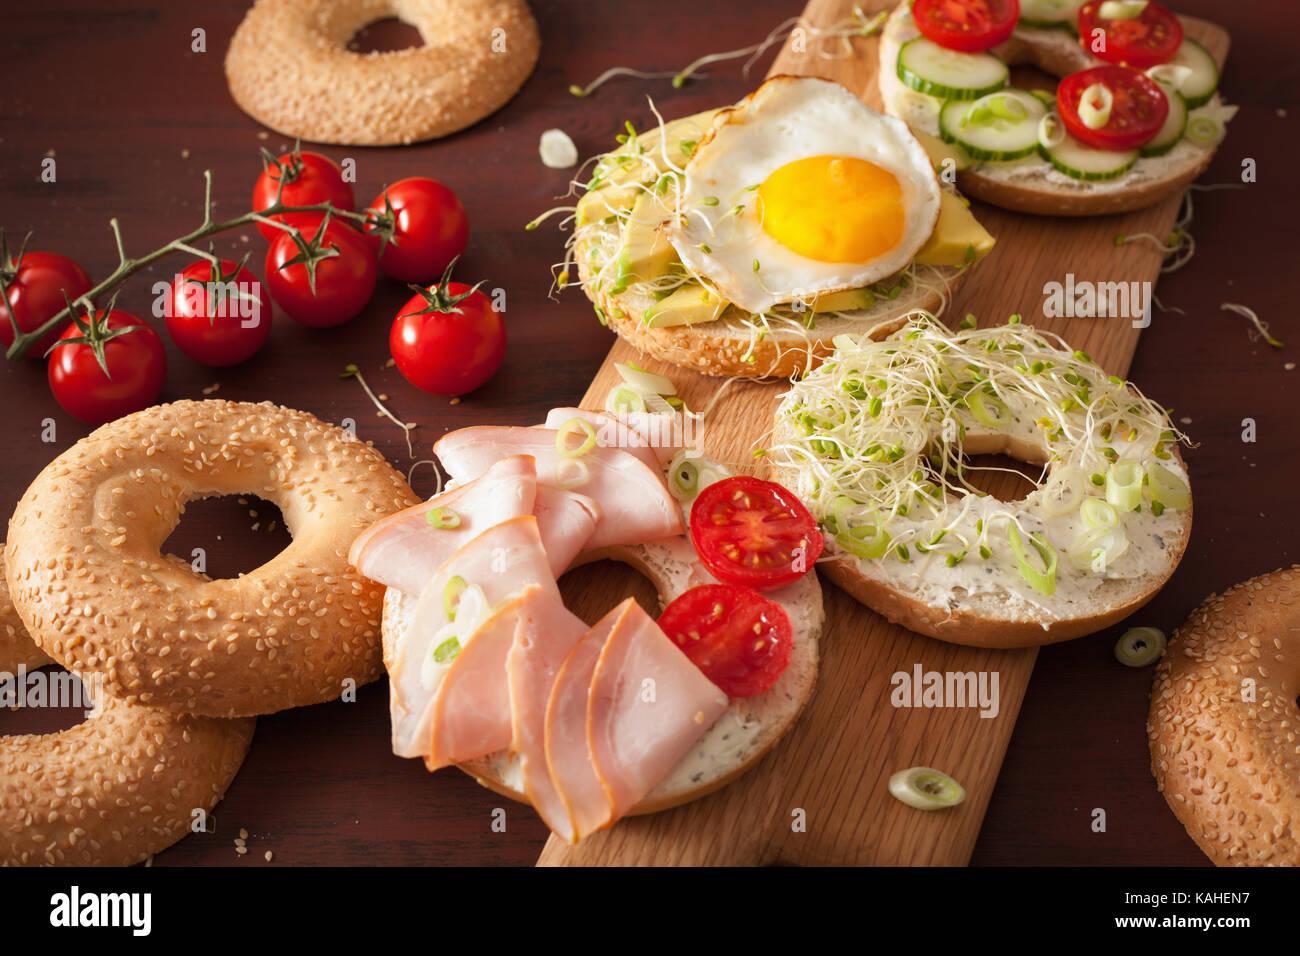 Varietà di panini su bagel: uovo, avocado, prosciutto, pomodoro, formaggio a pasta morbida, di germogli alfalfa Immagini Stock